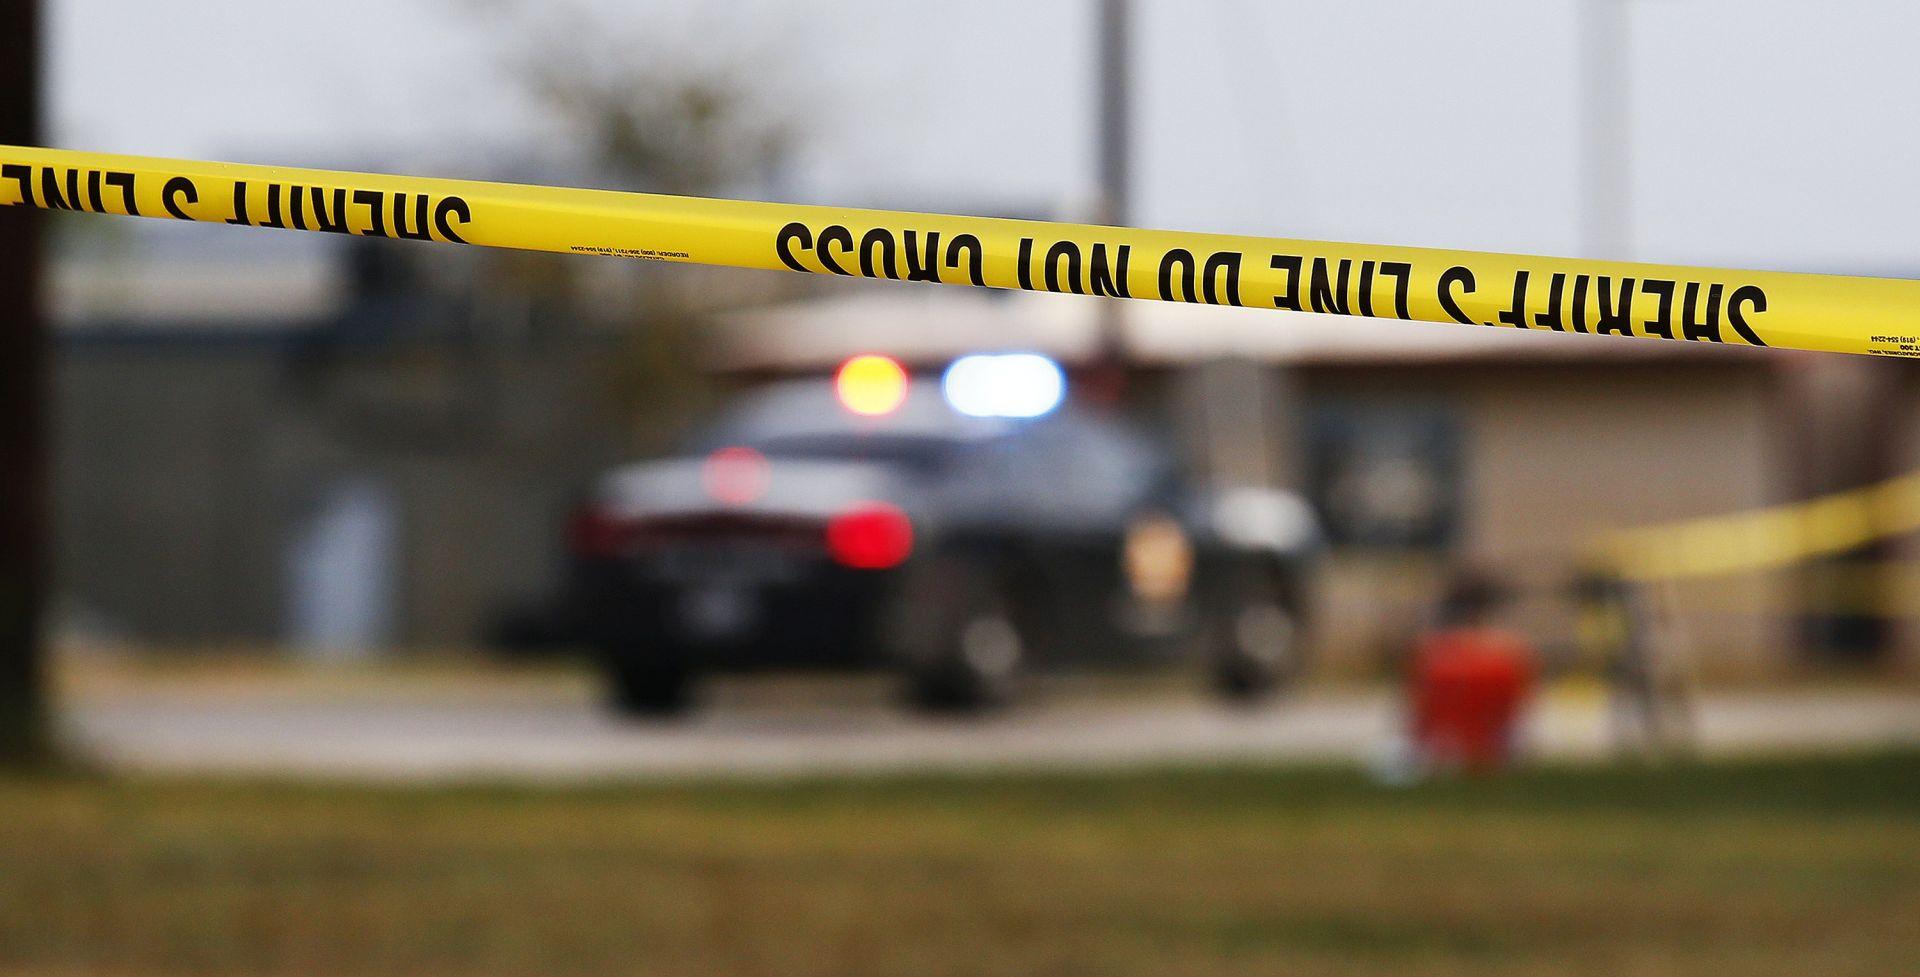 PRIZNALI PROPUST Američke zračne snage nisu prijavile ubojicu iz Teksasa u registar osuđenih kriminalaca